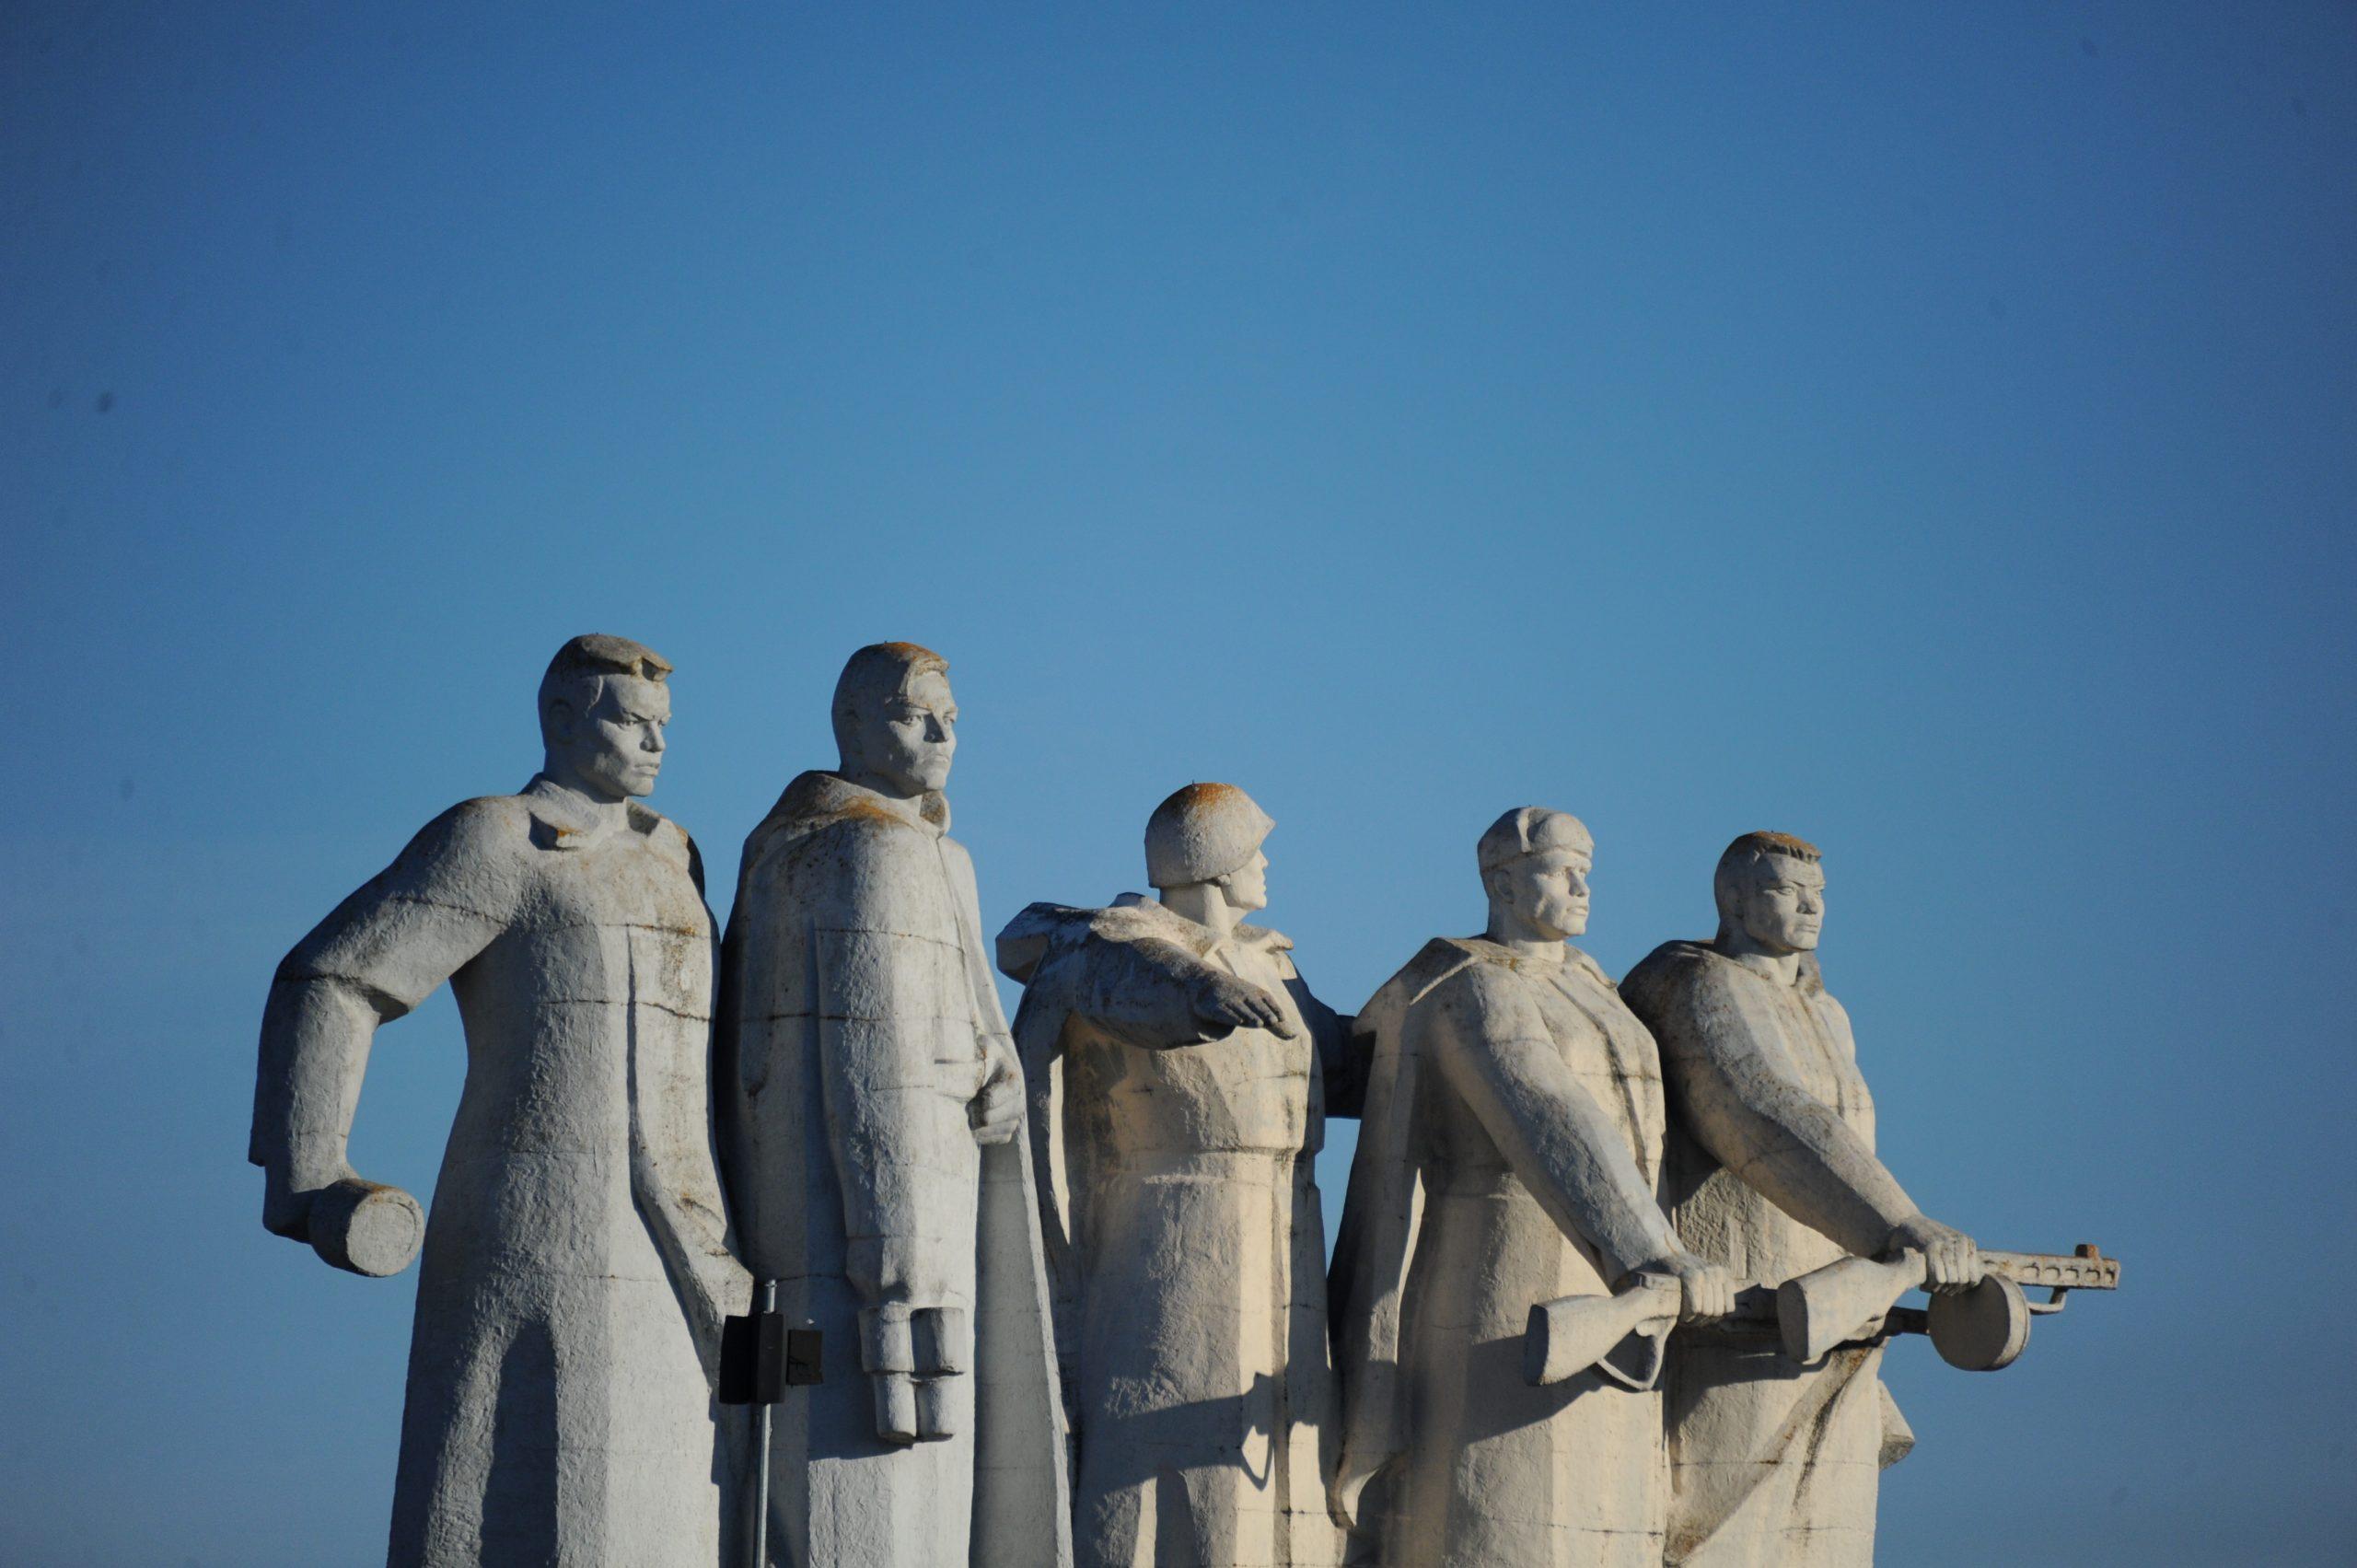 Москвичам рассказали, как отпраздновать 23 февраля не выходя из дома